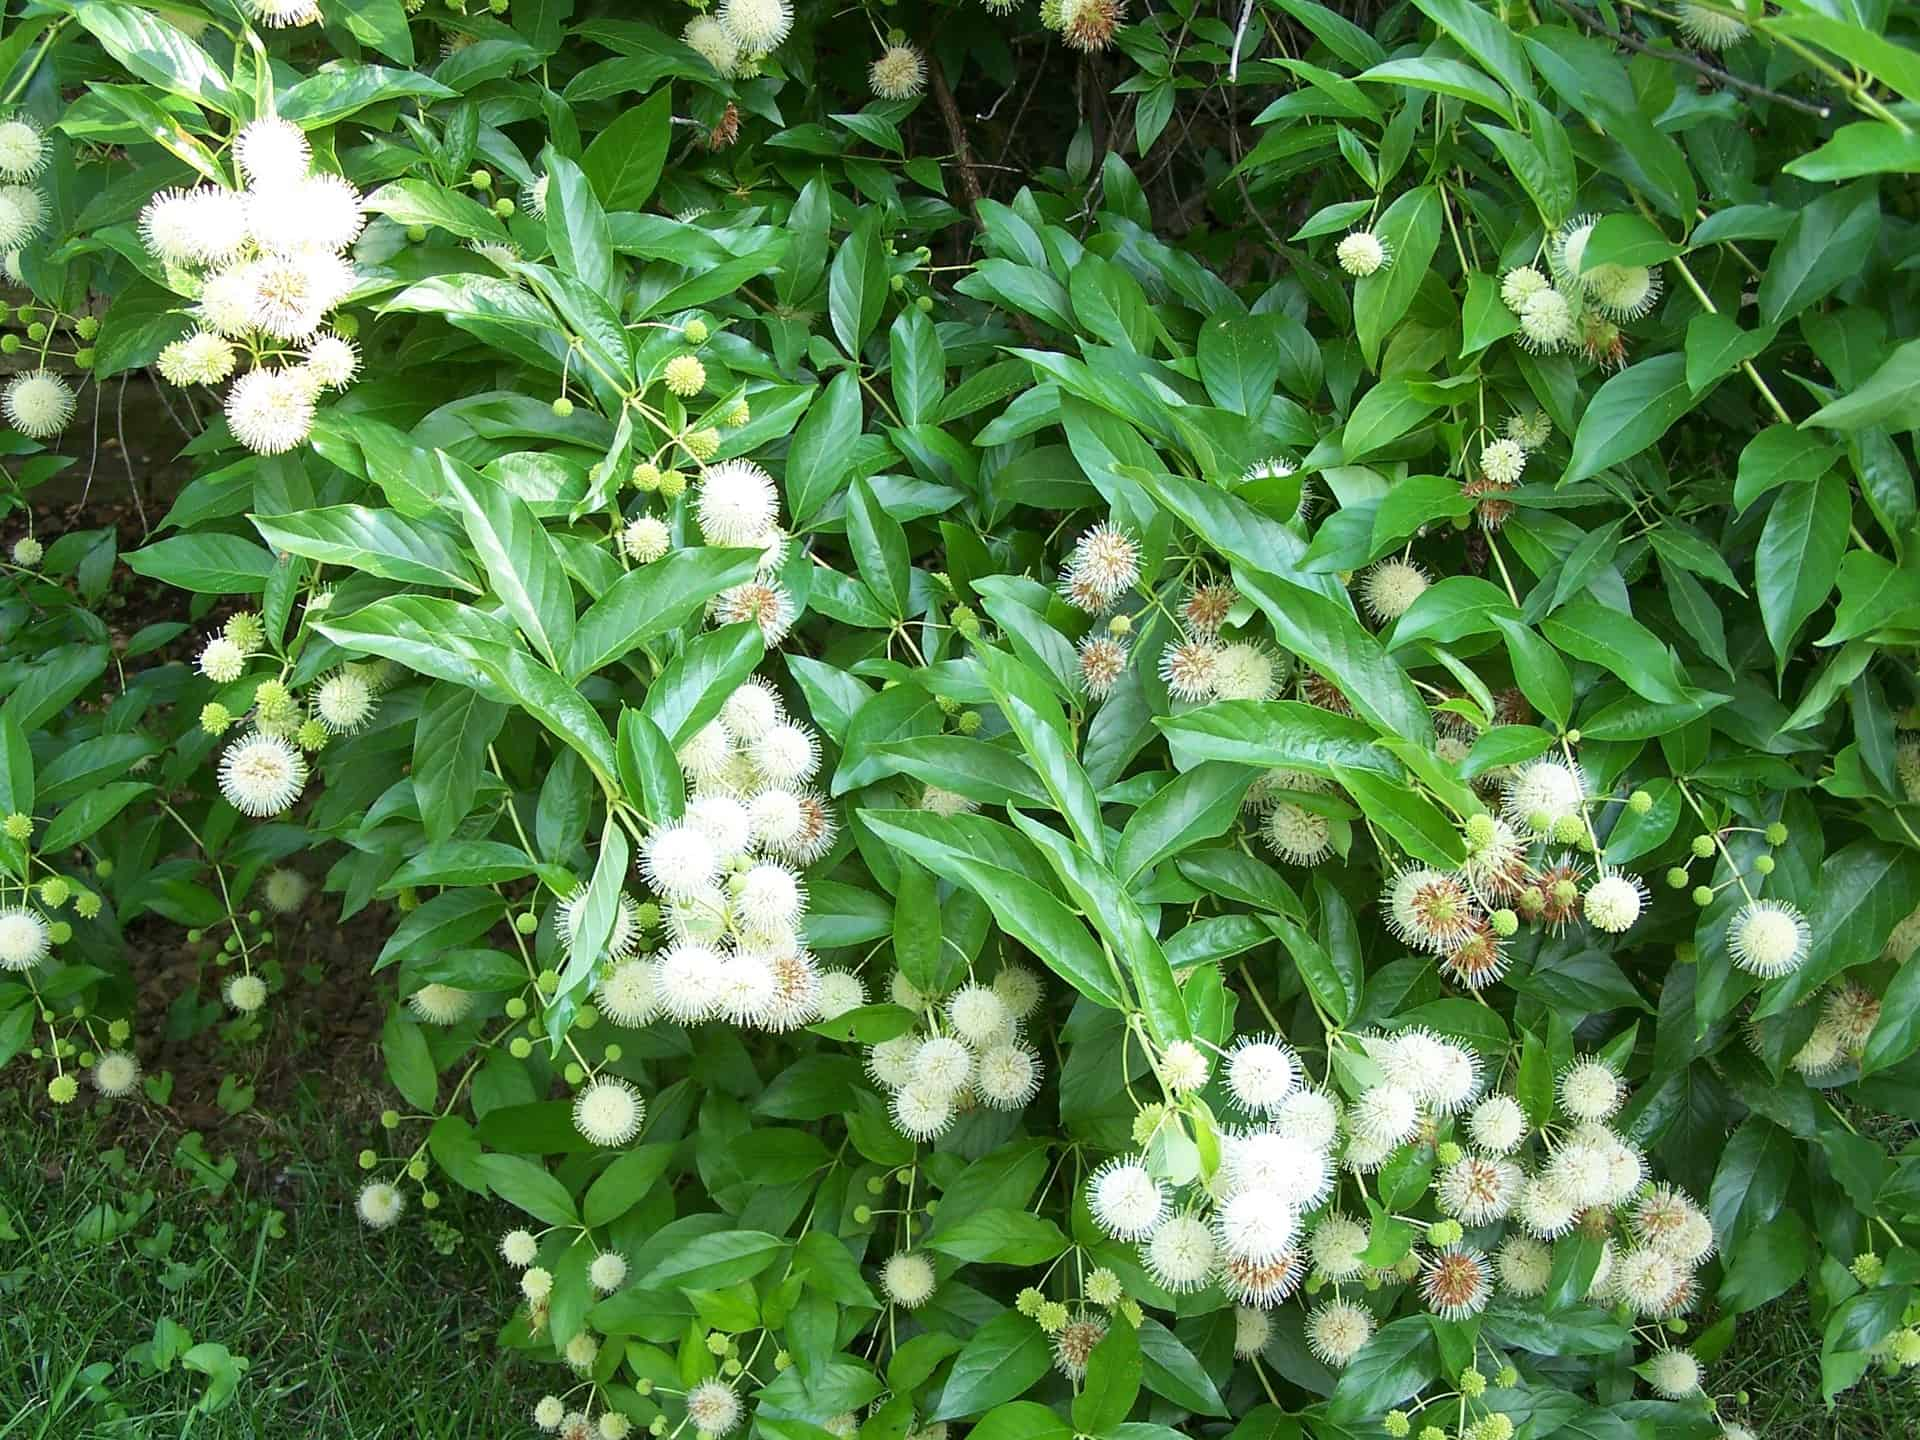 Pictured Above: Buttonbush